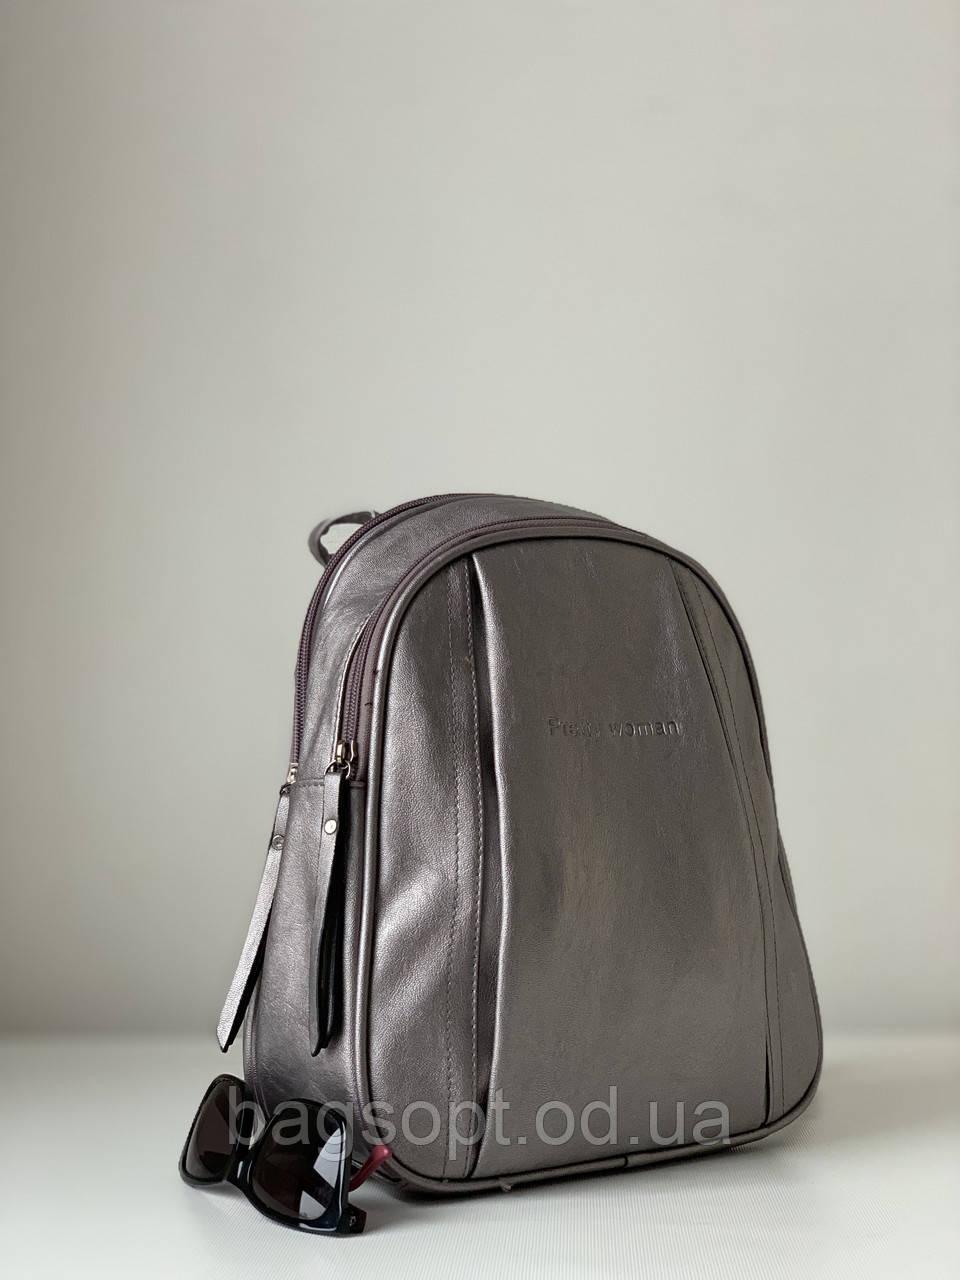 Небольшой городской рюкзак серебристый молодежный Pretty Woman Одесса 7 км